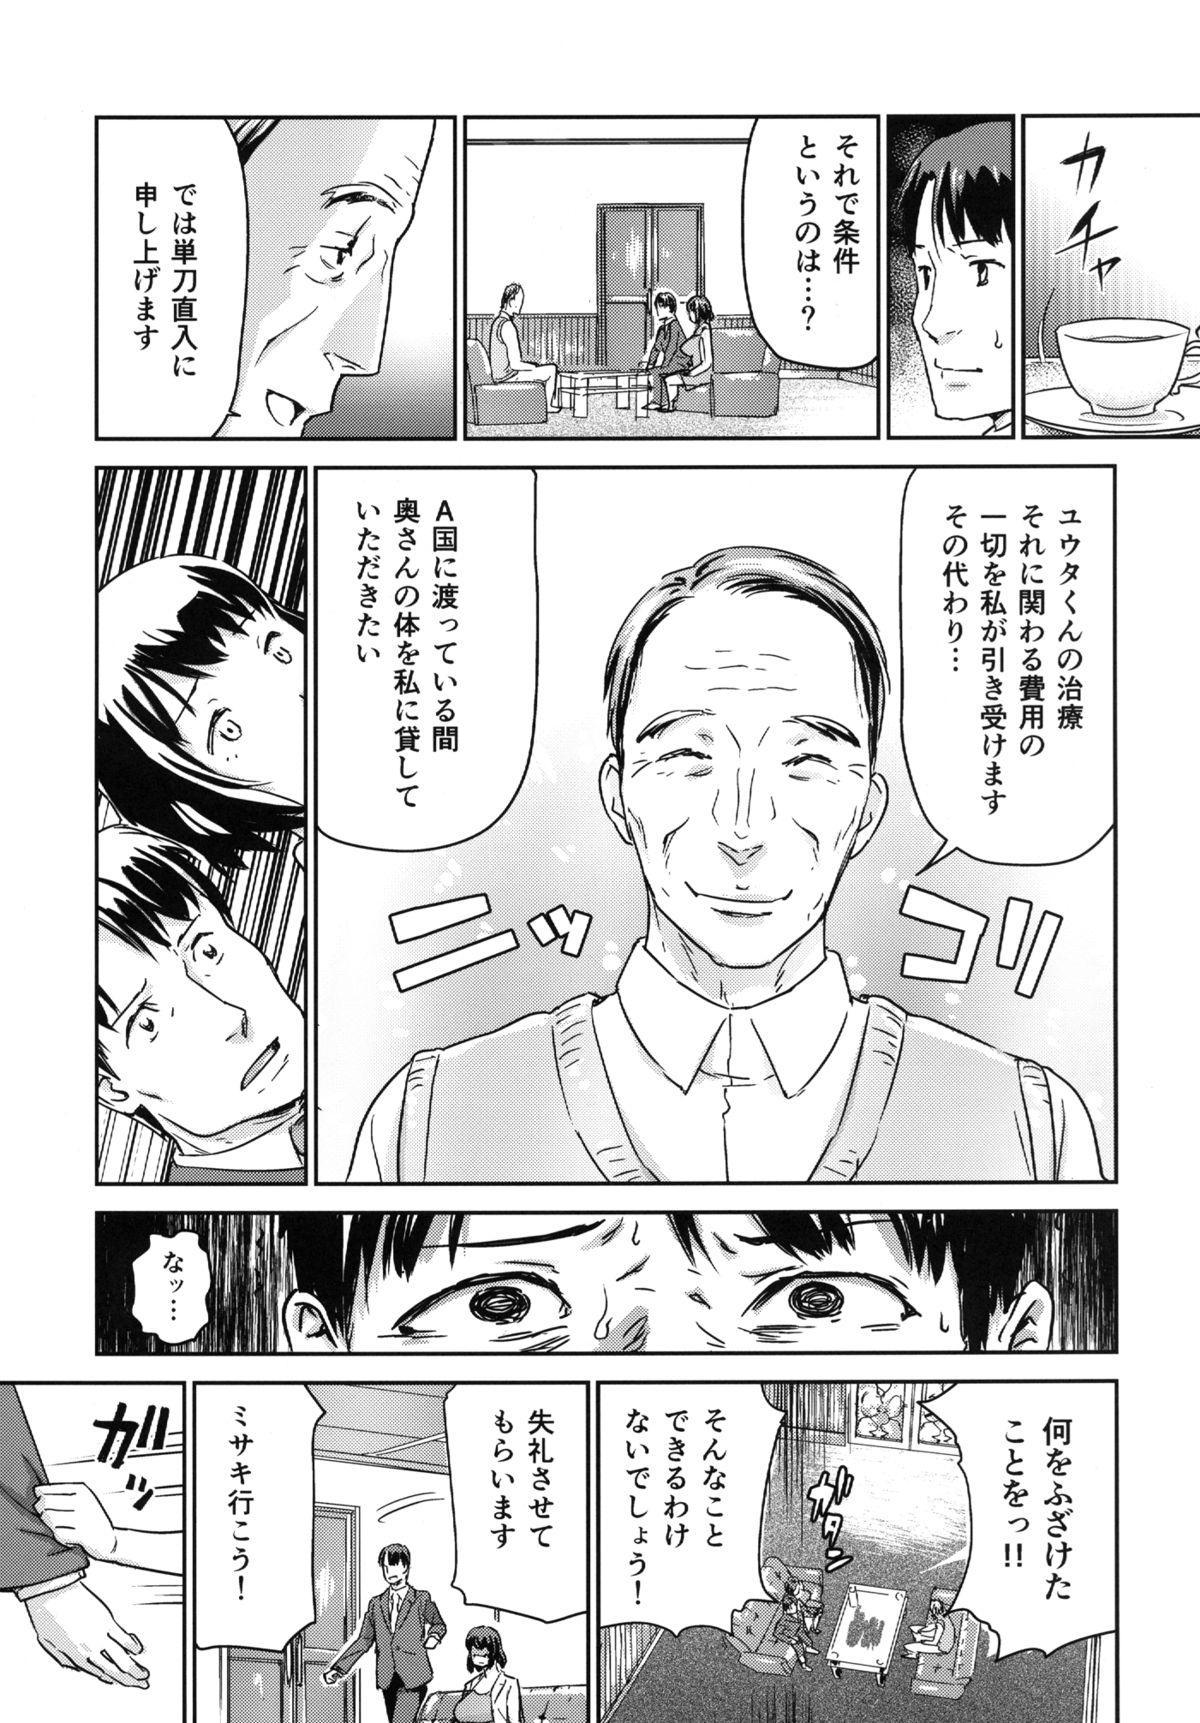 Hitozuma Kari - Kousoku Zecchou Sundome Game Nanbyou no Wagako no Chiryouhi no Tame Sono Mi wo Sashidasu Tsuma 15